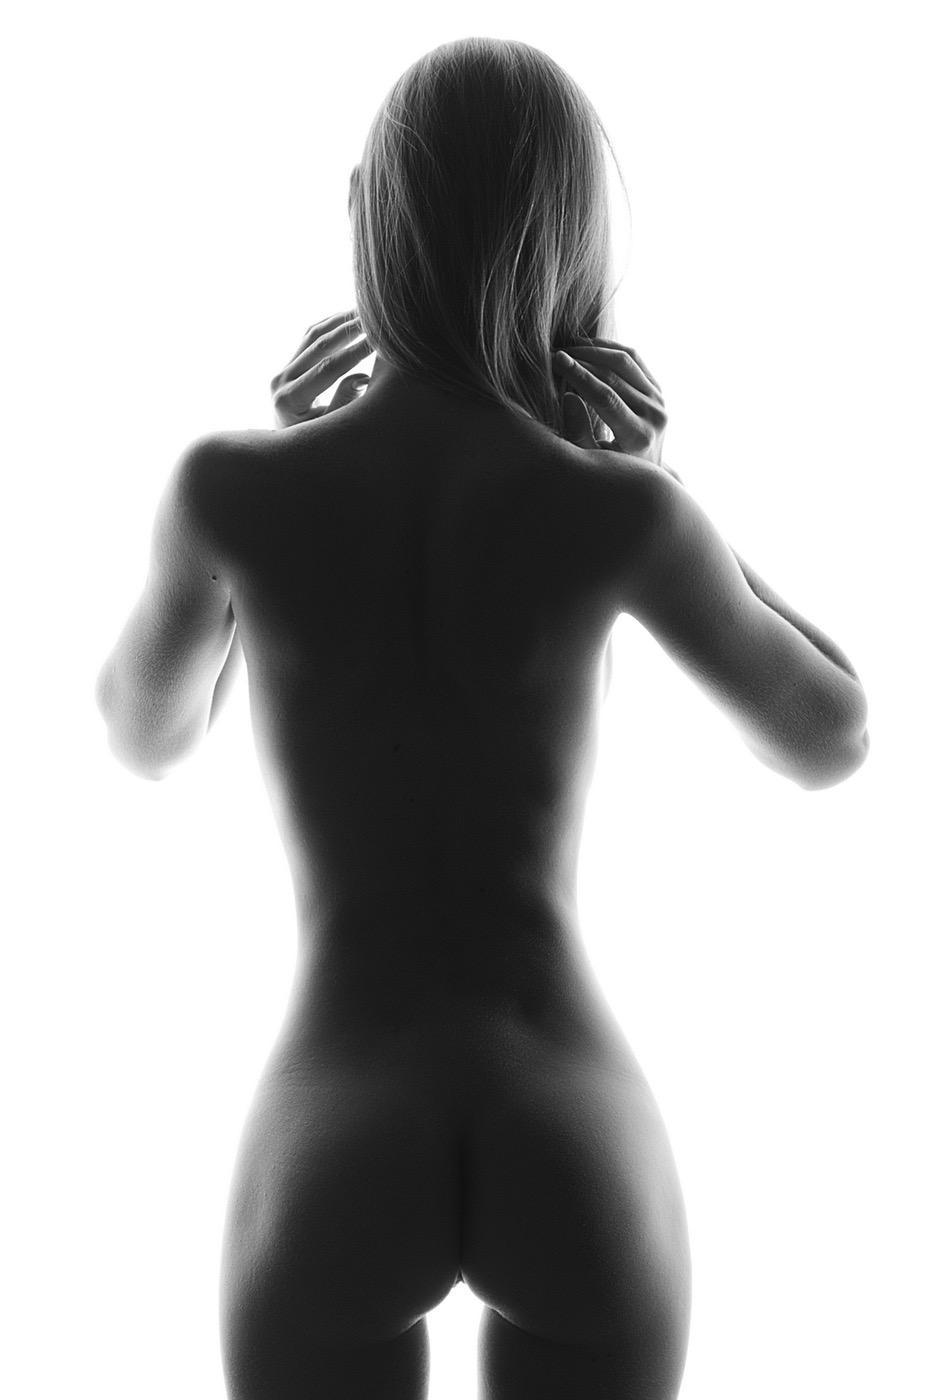 Weekly erotic picdump - 46/2017 - 11